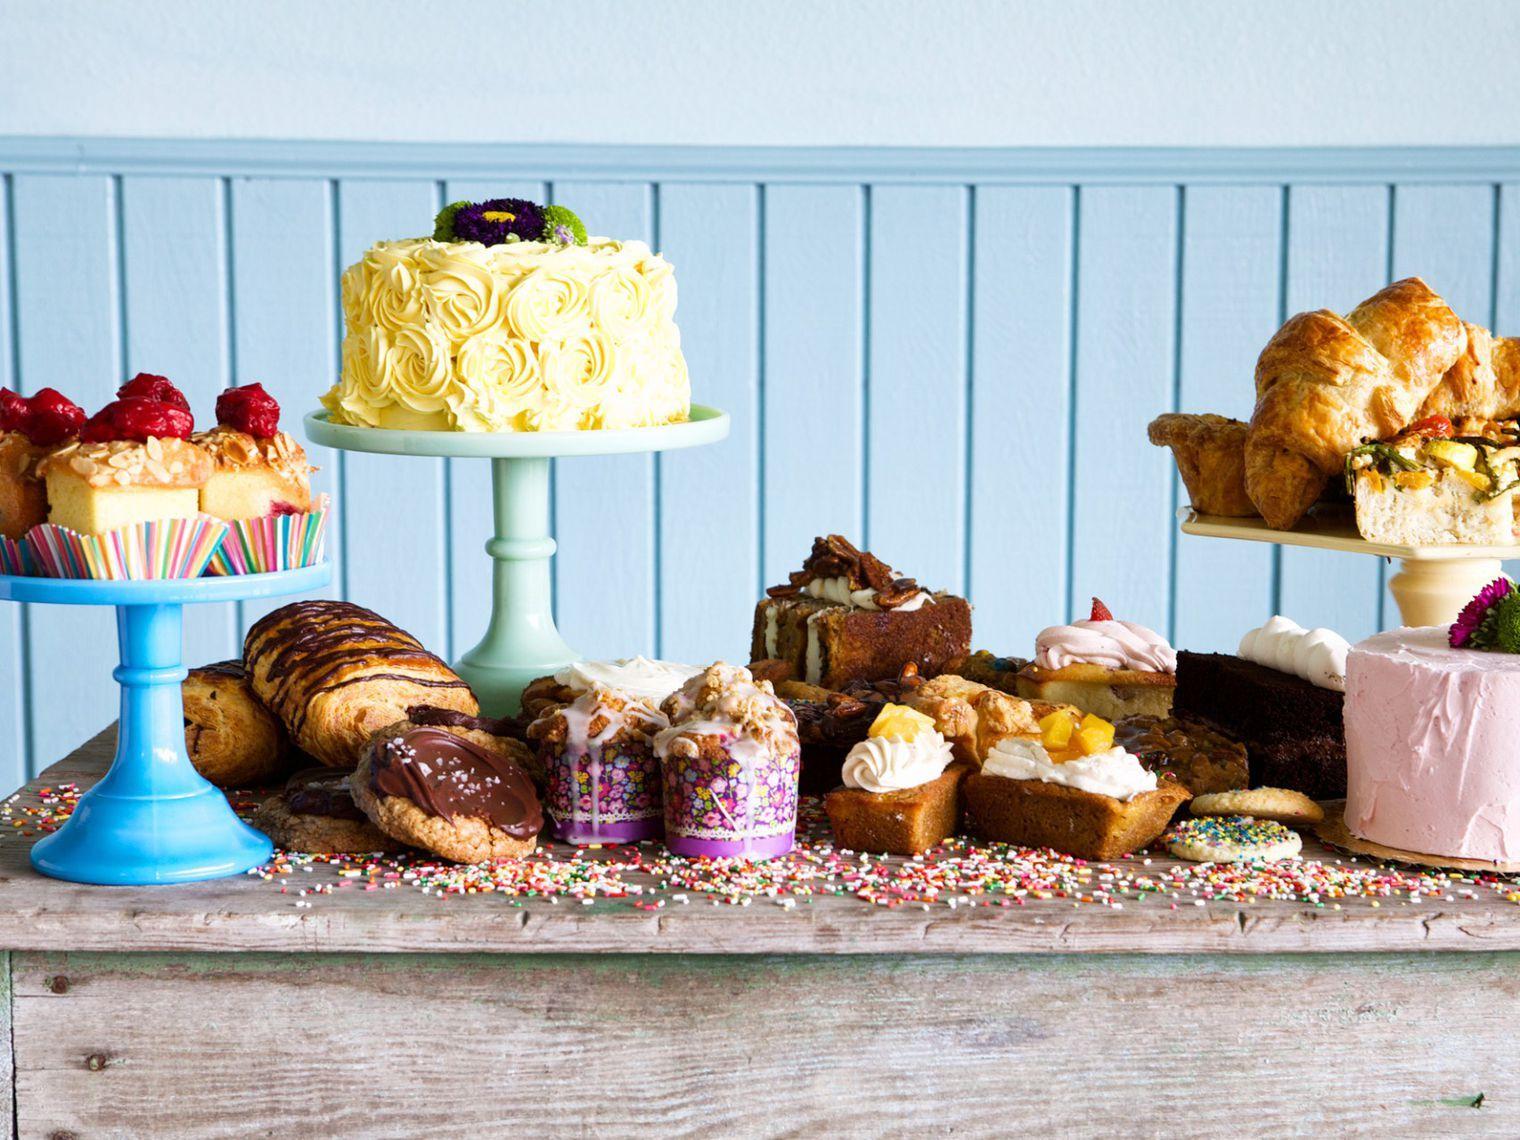 Austin's 26 Best Bakeries for Baked Goods, Winter 2020